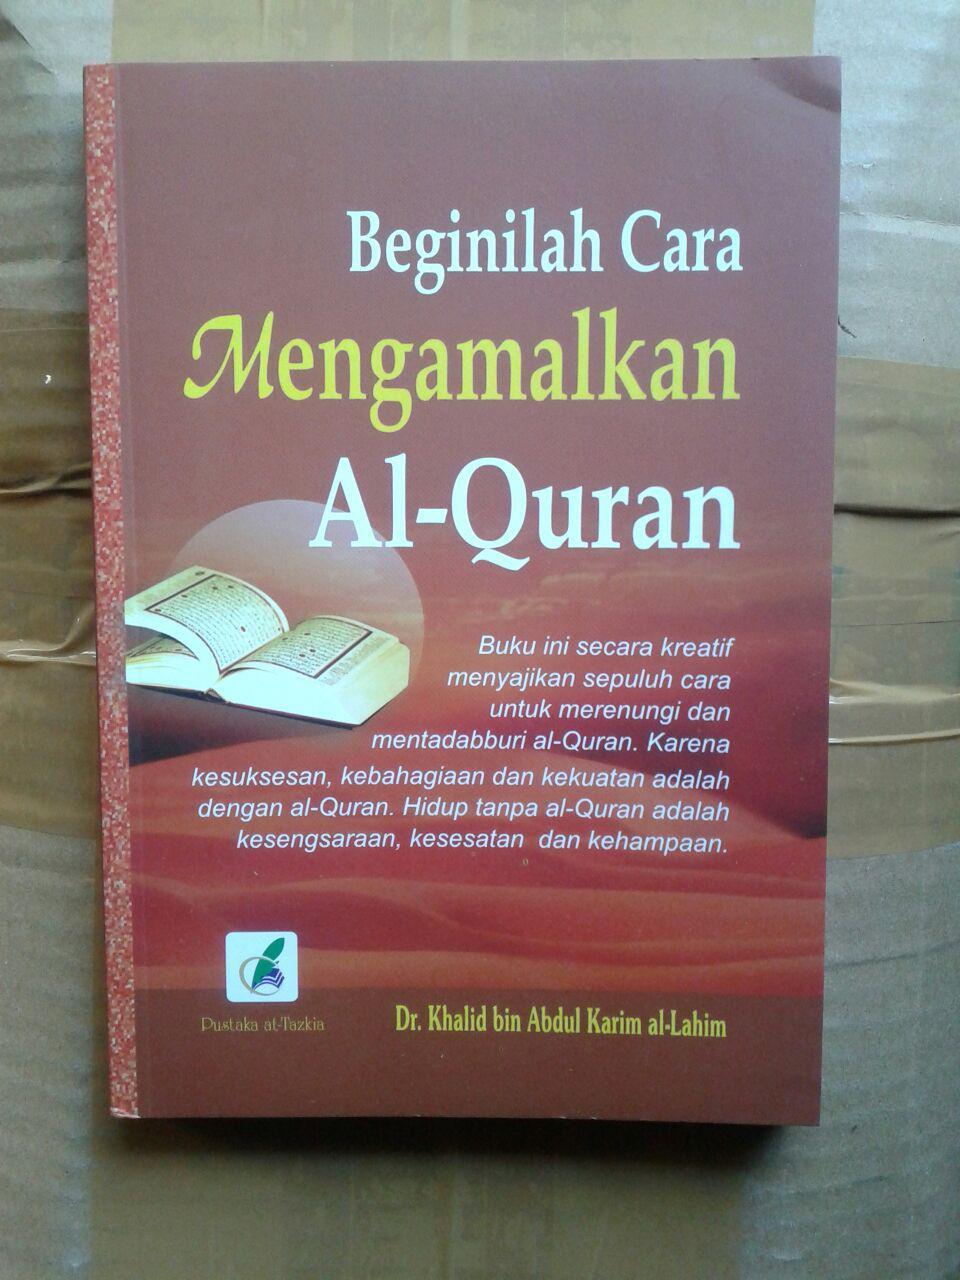 Buku Beginilah Cara Mengamalkan al-Quran cover